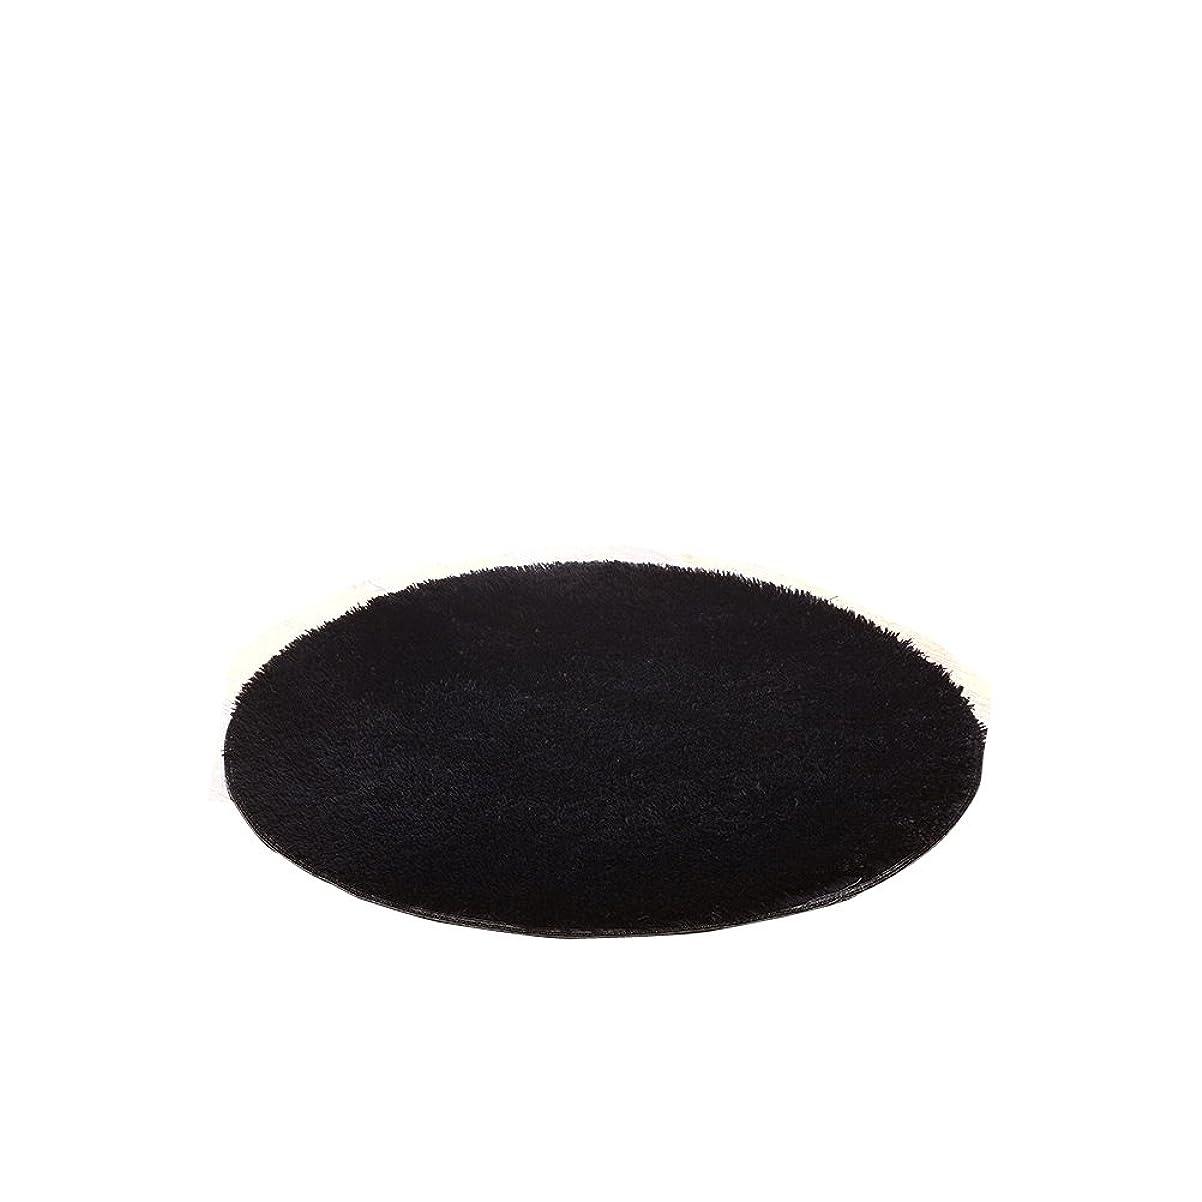 職人所有権アミューズメントYUNCLOS ラグ カーペット 円形マット フロアマット ラグマット 絨毯 円形 マイクロファイバー 床暖房 対応 やわらか 防音 敷物 カシミヤ 滑り止め